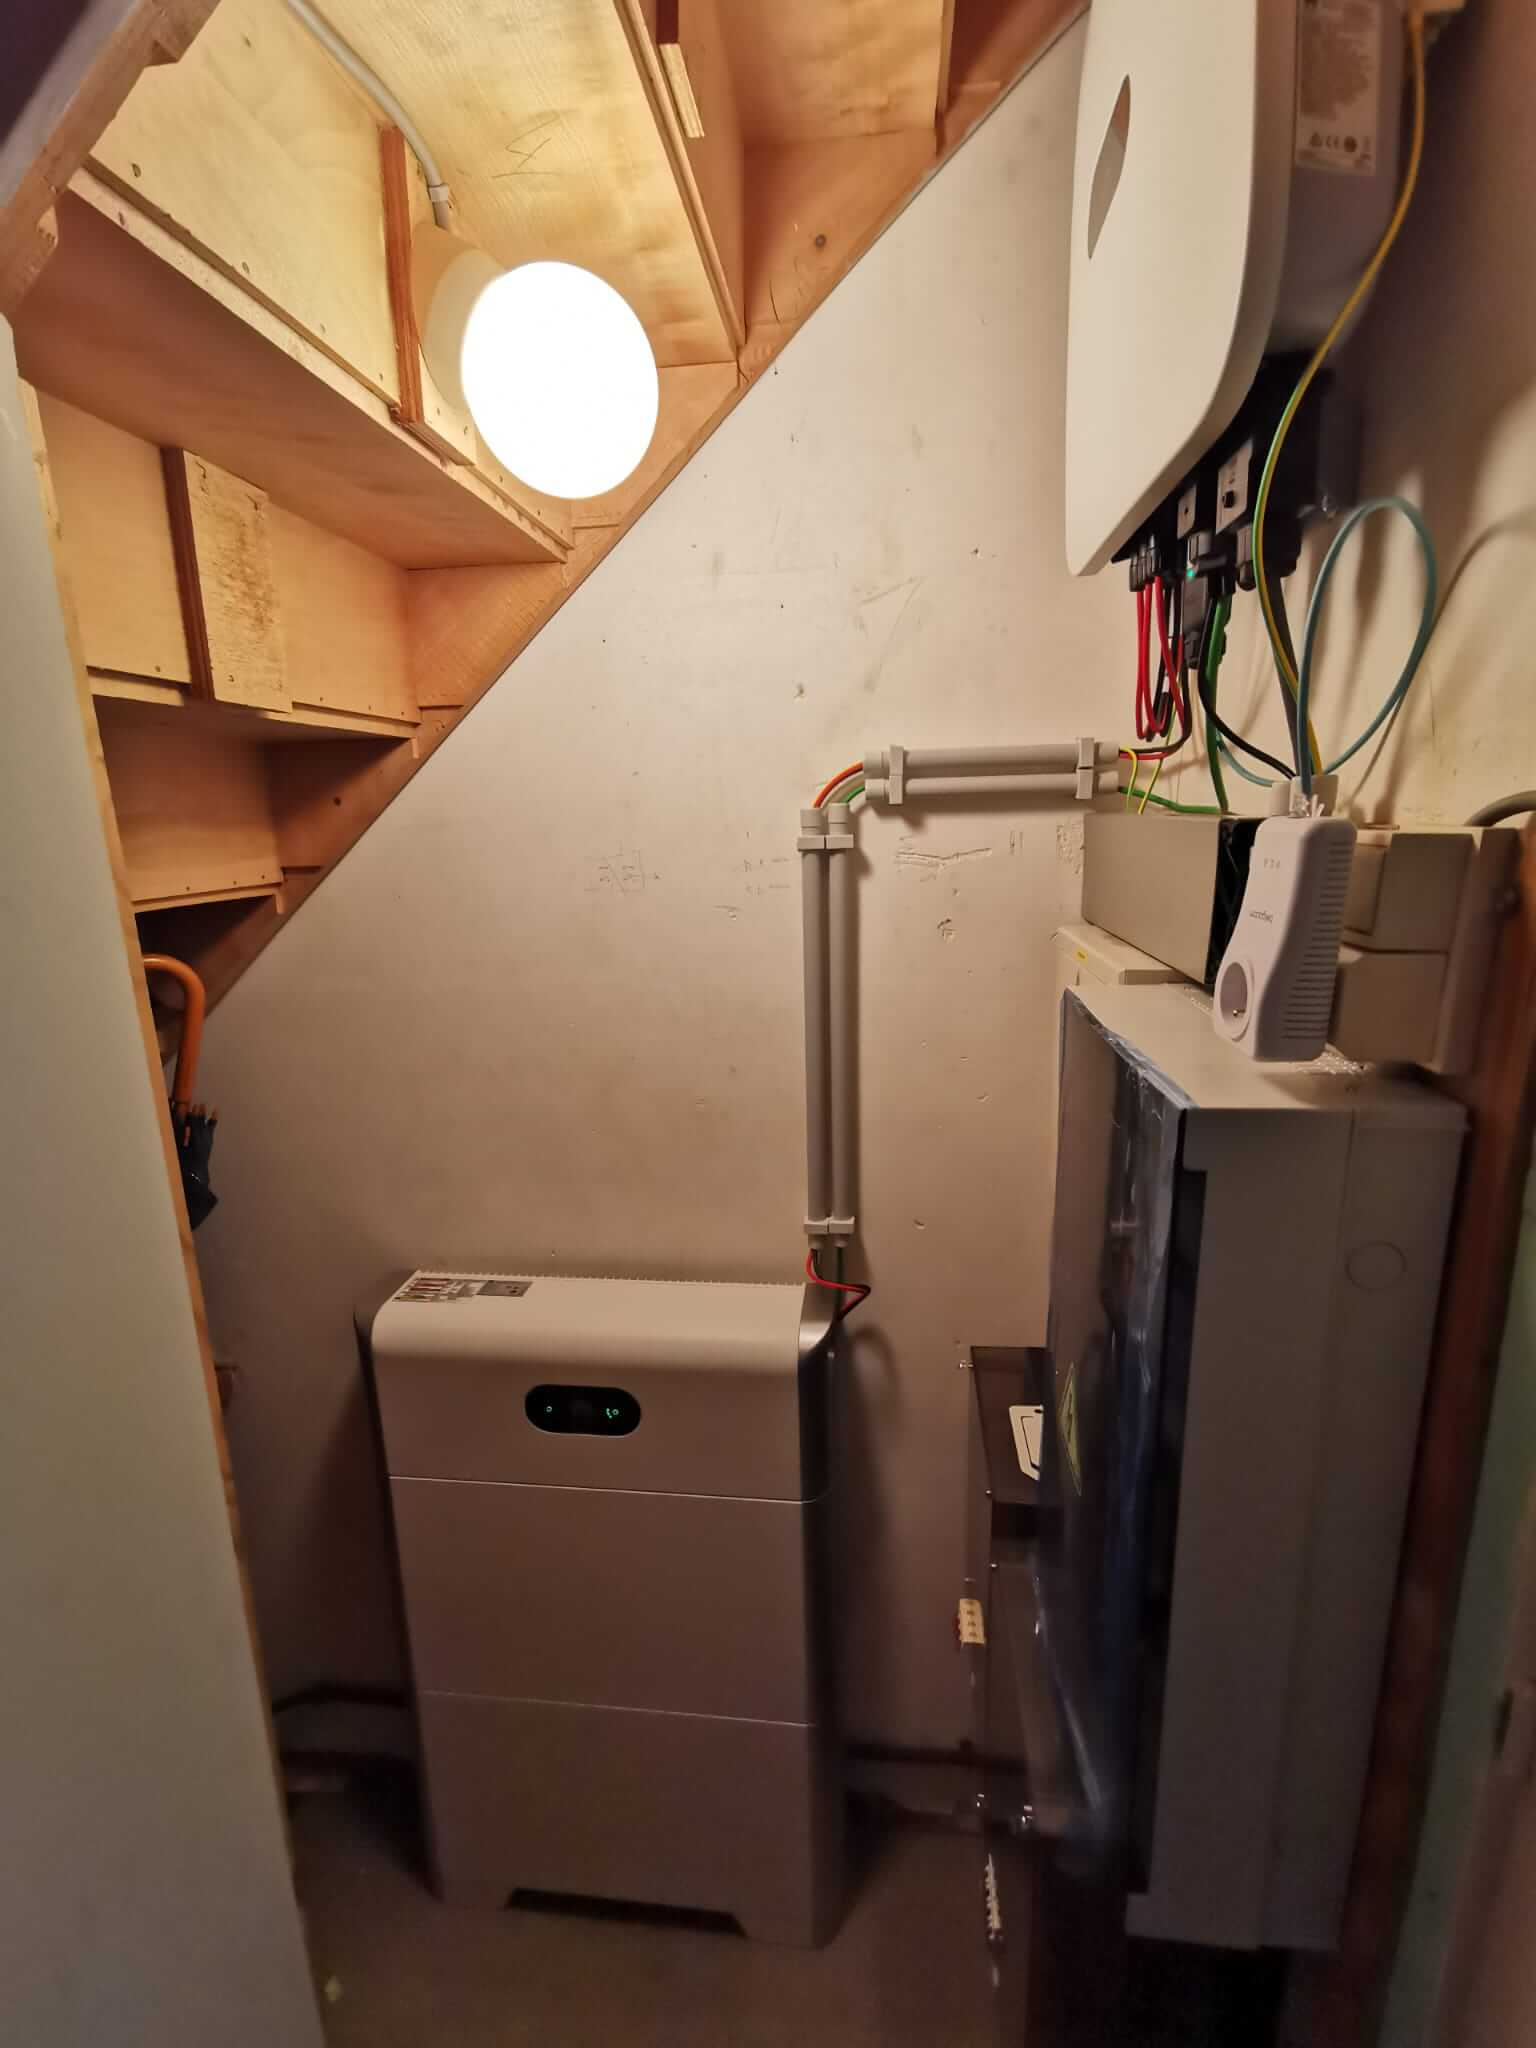 Rendabele thuisbatterij in kleine technische ruimte in het waasland.